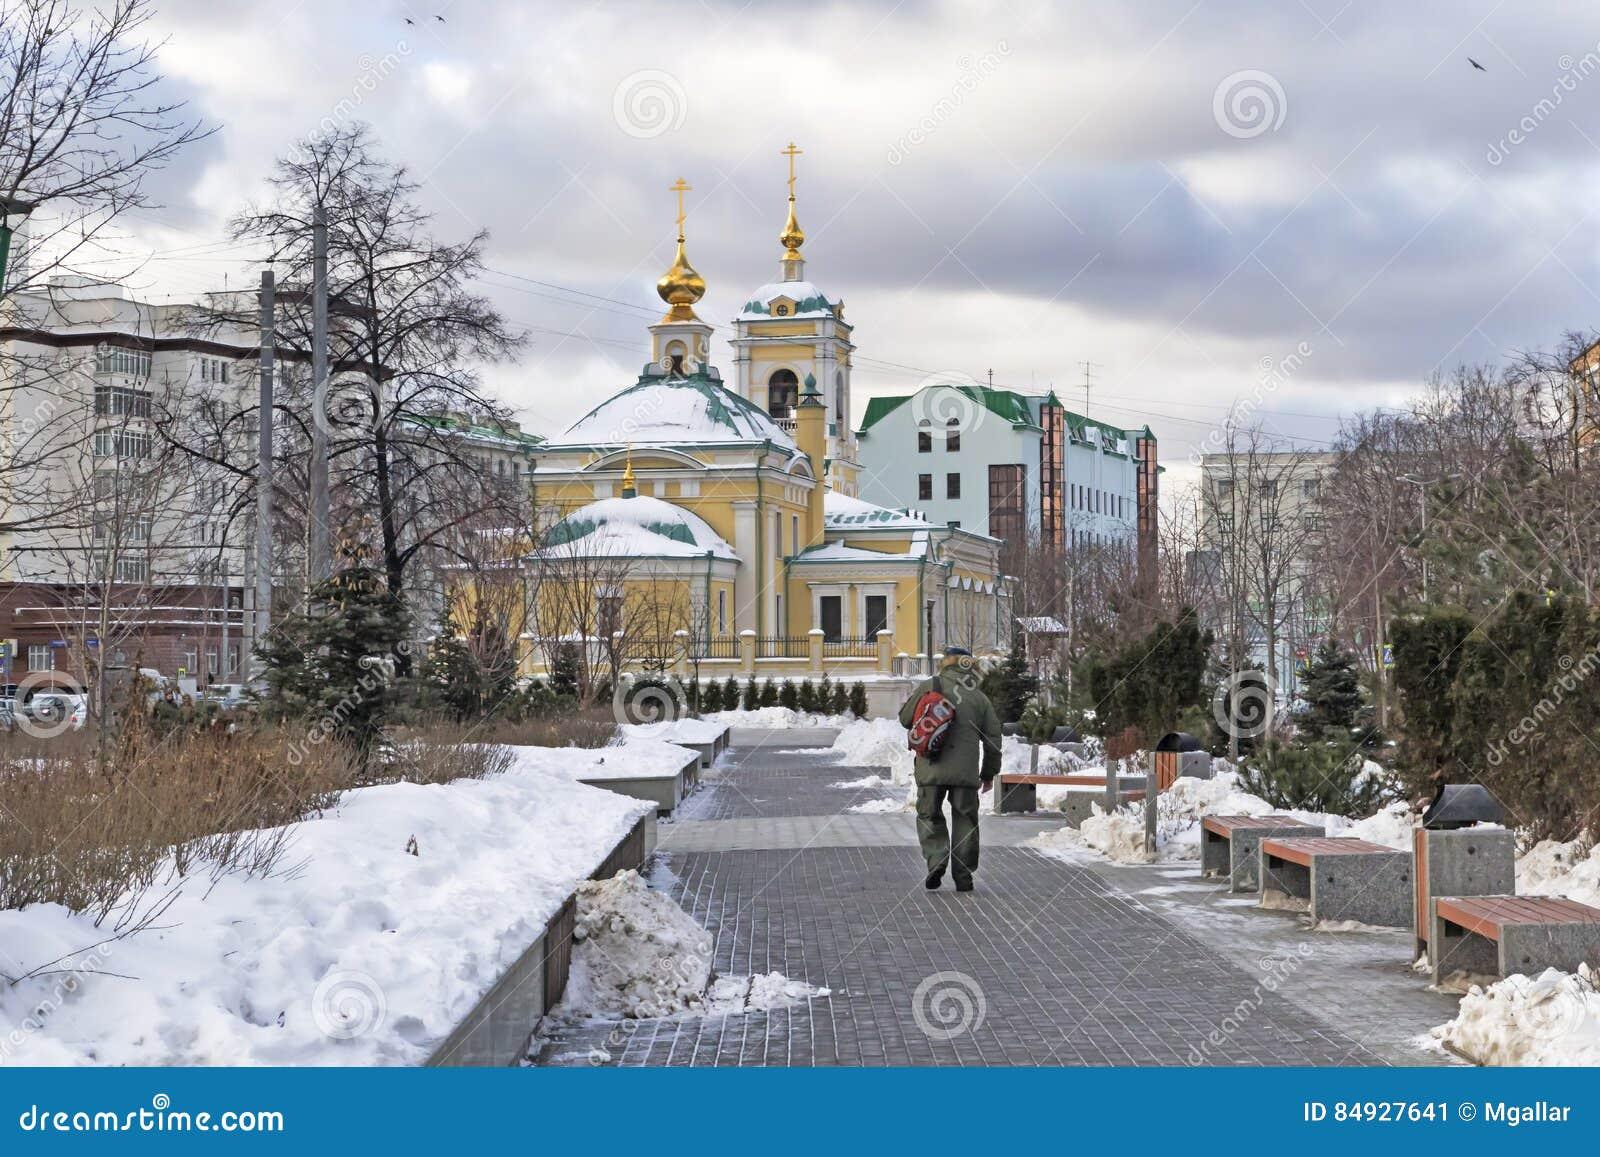 Moskau, Russische Föderation - 21. Januar 2017: Gefunden in der Transfigurations-Quadratansicht der Kirche vom angrenzenden Garte